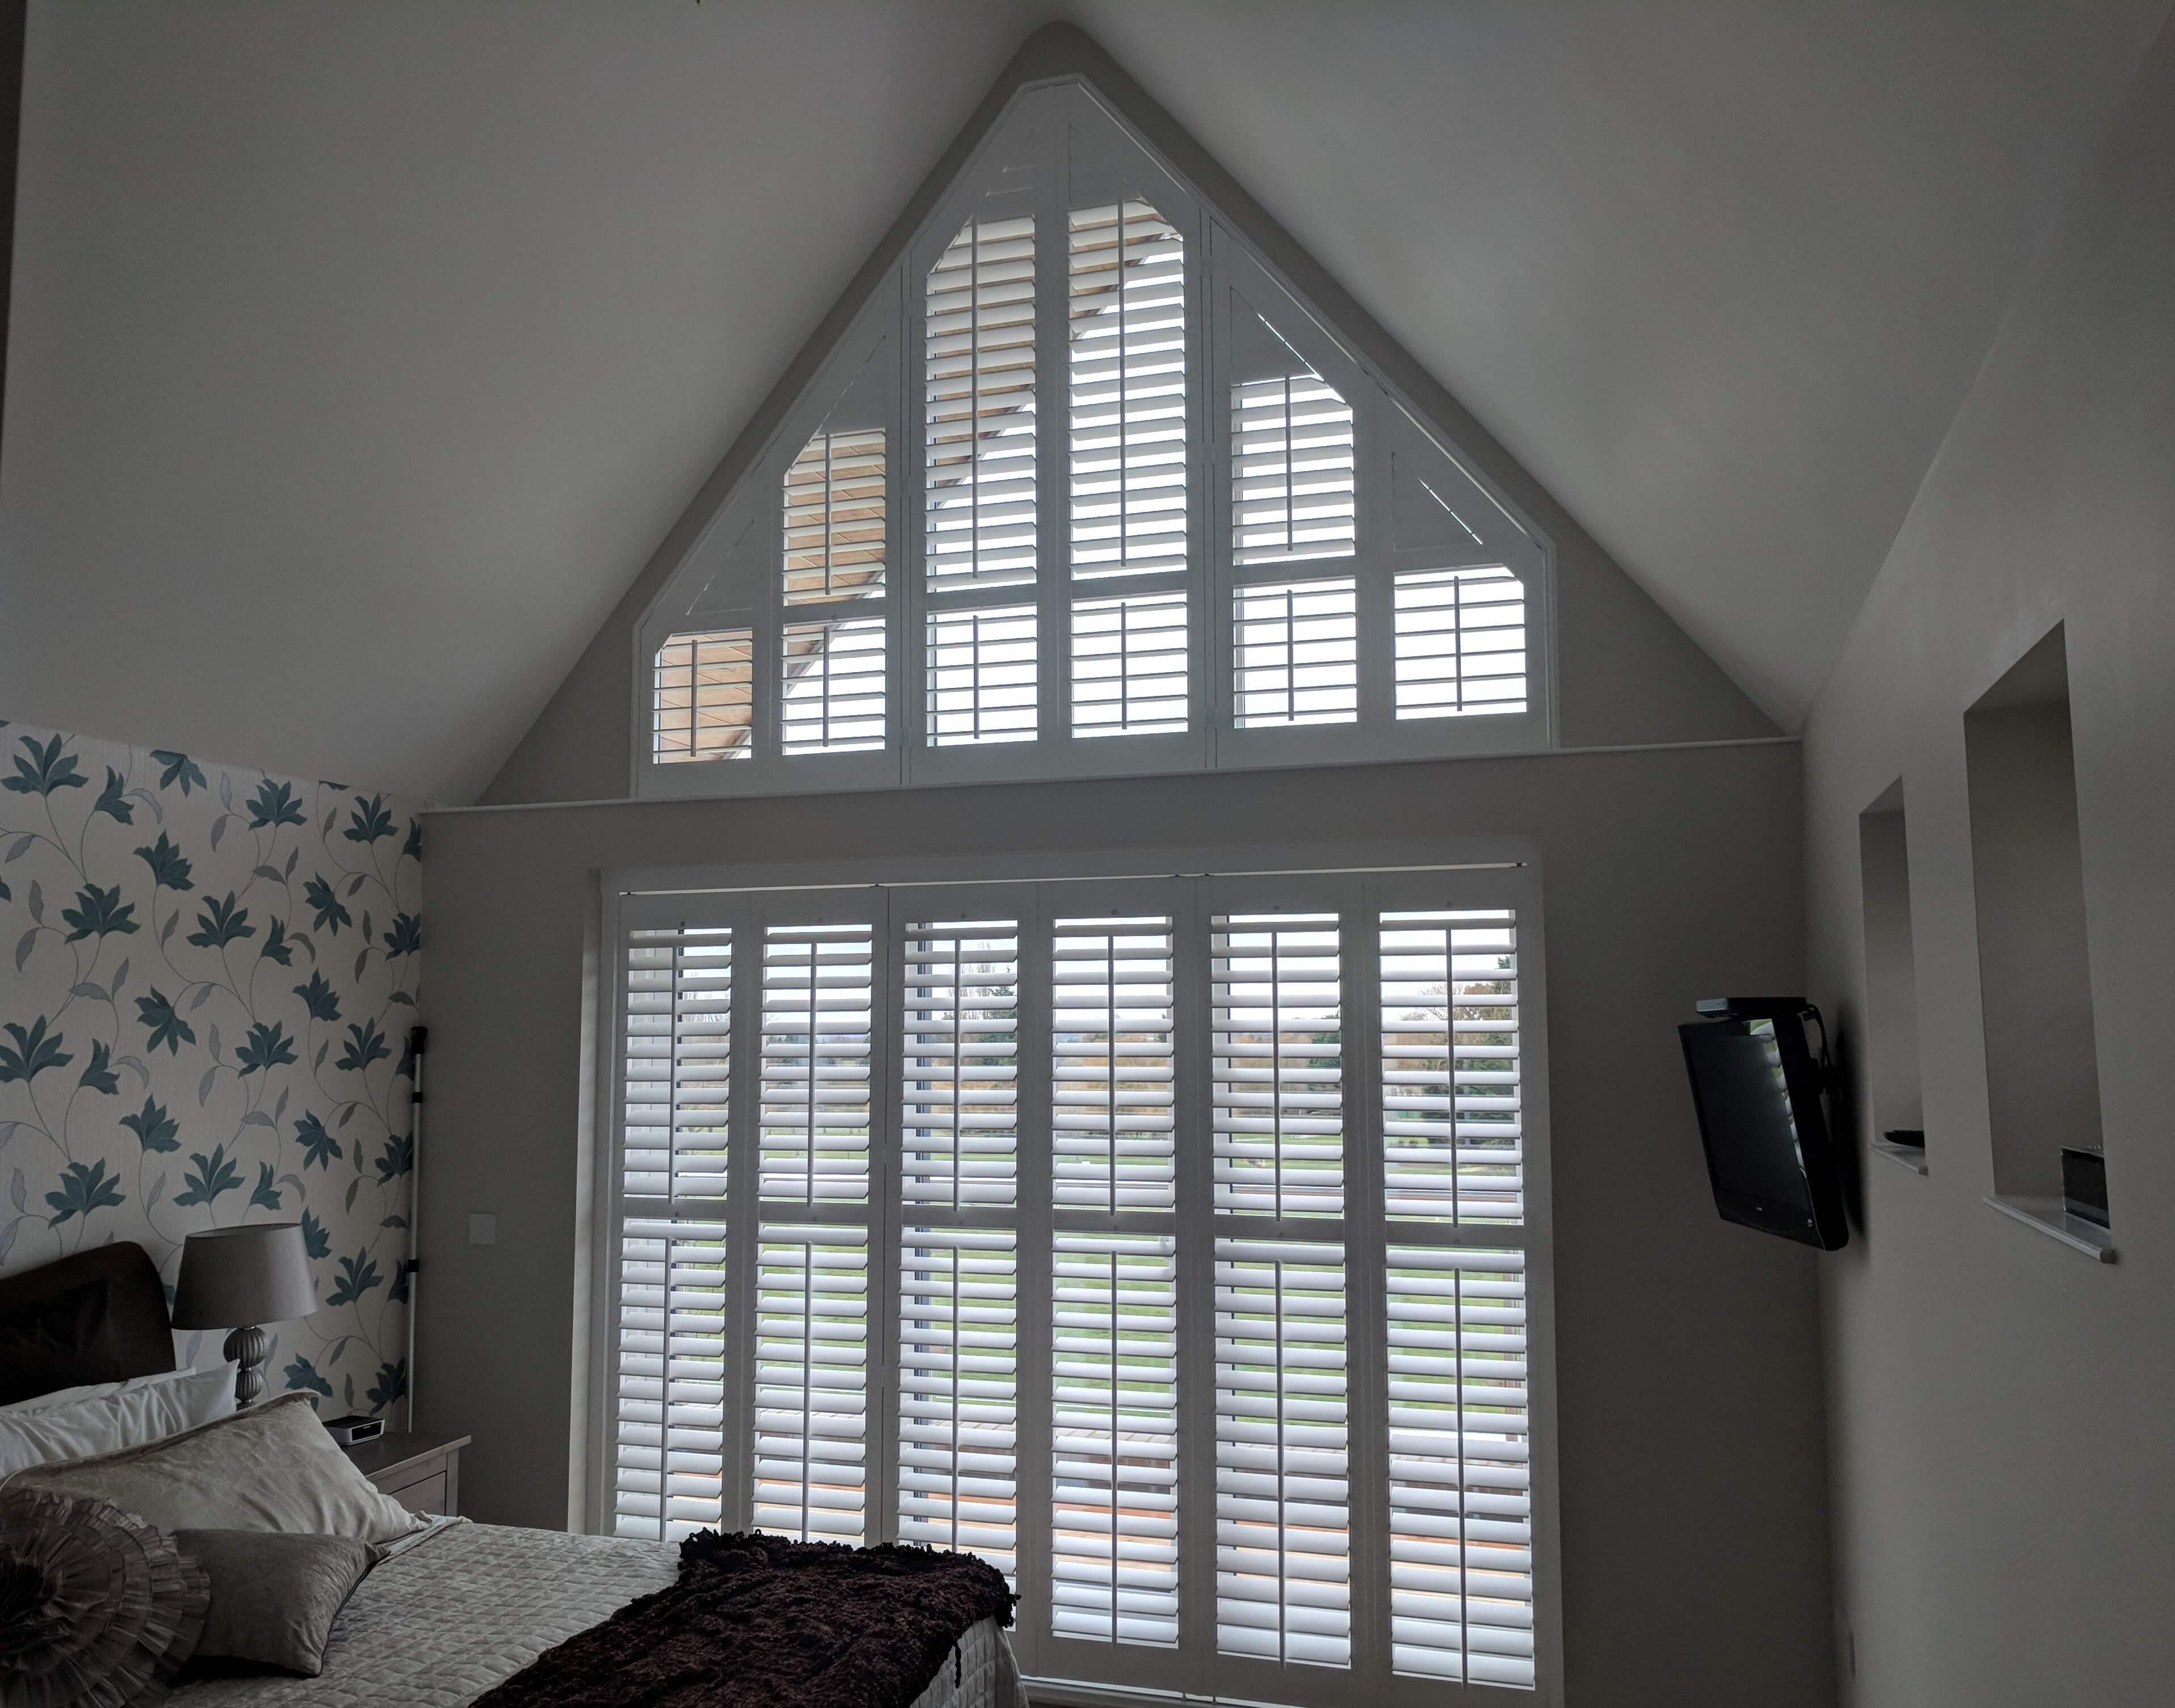 bespoke shutters by Shuttertec